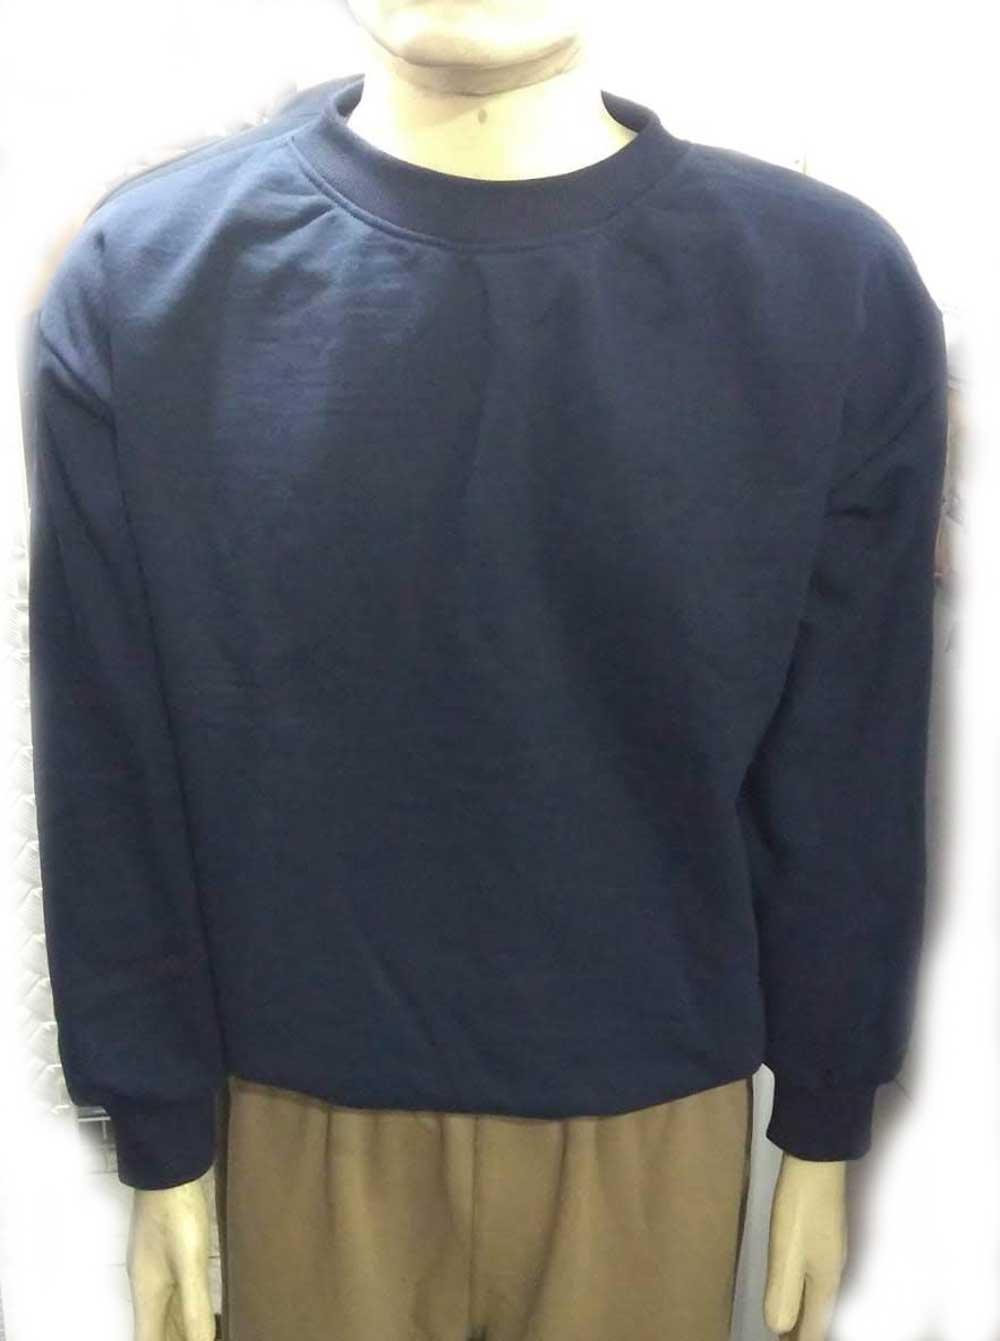 Blusa Masculina Moletom 100% algodão